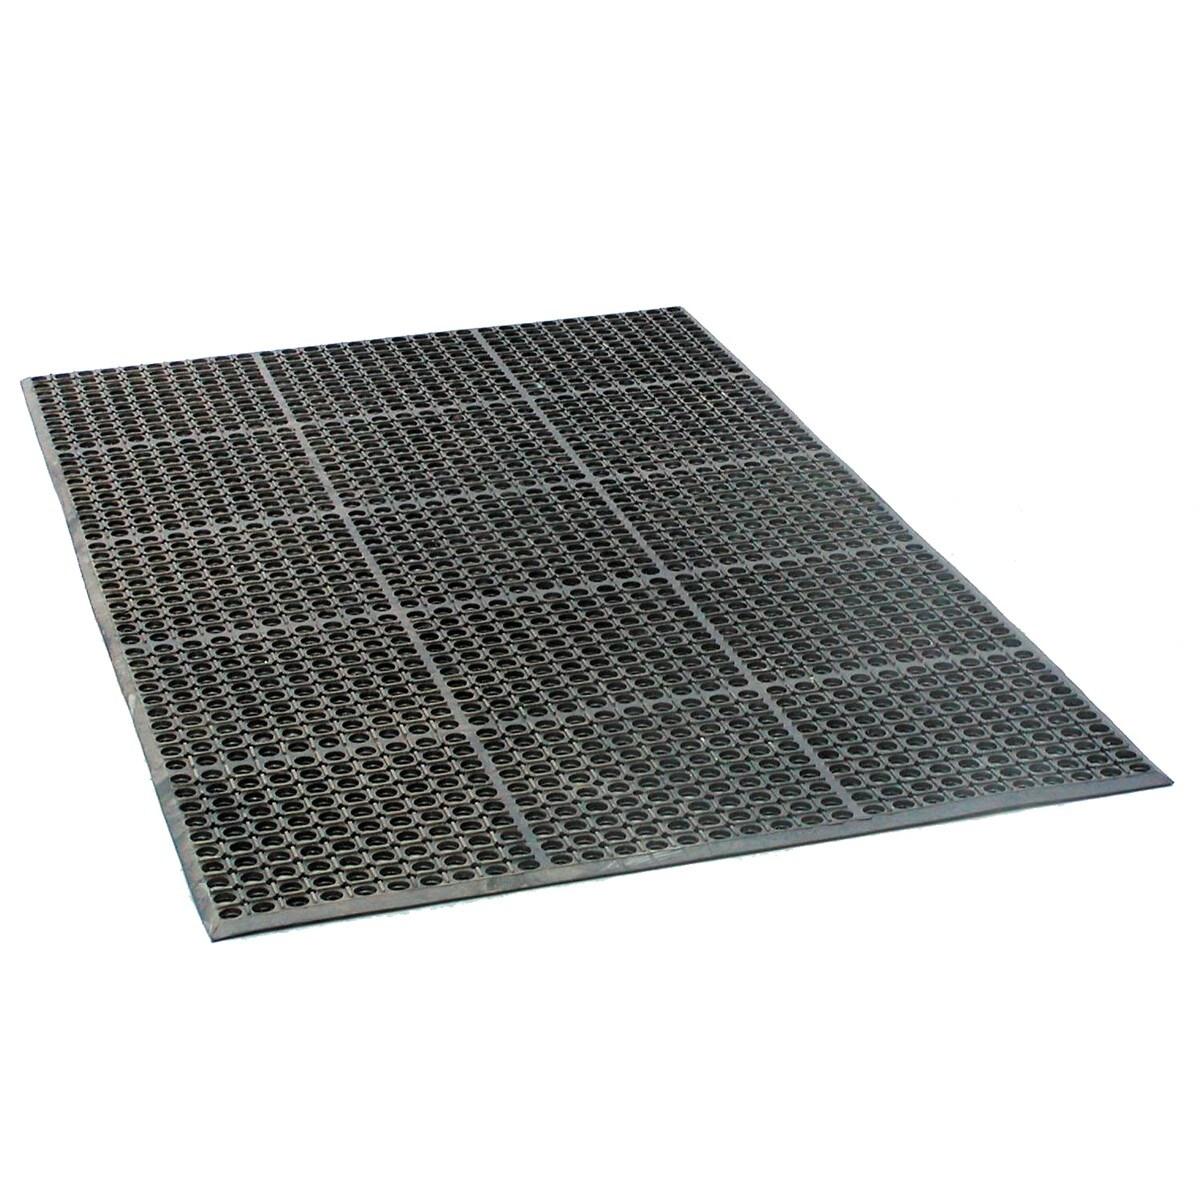 new 3 39 x5 39 rubber mat flooring runner rolls outdoor indoor. Black Bedroom Furniture Sets. Home Design Ideas